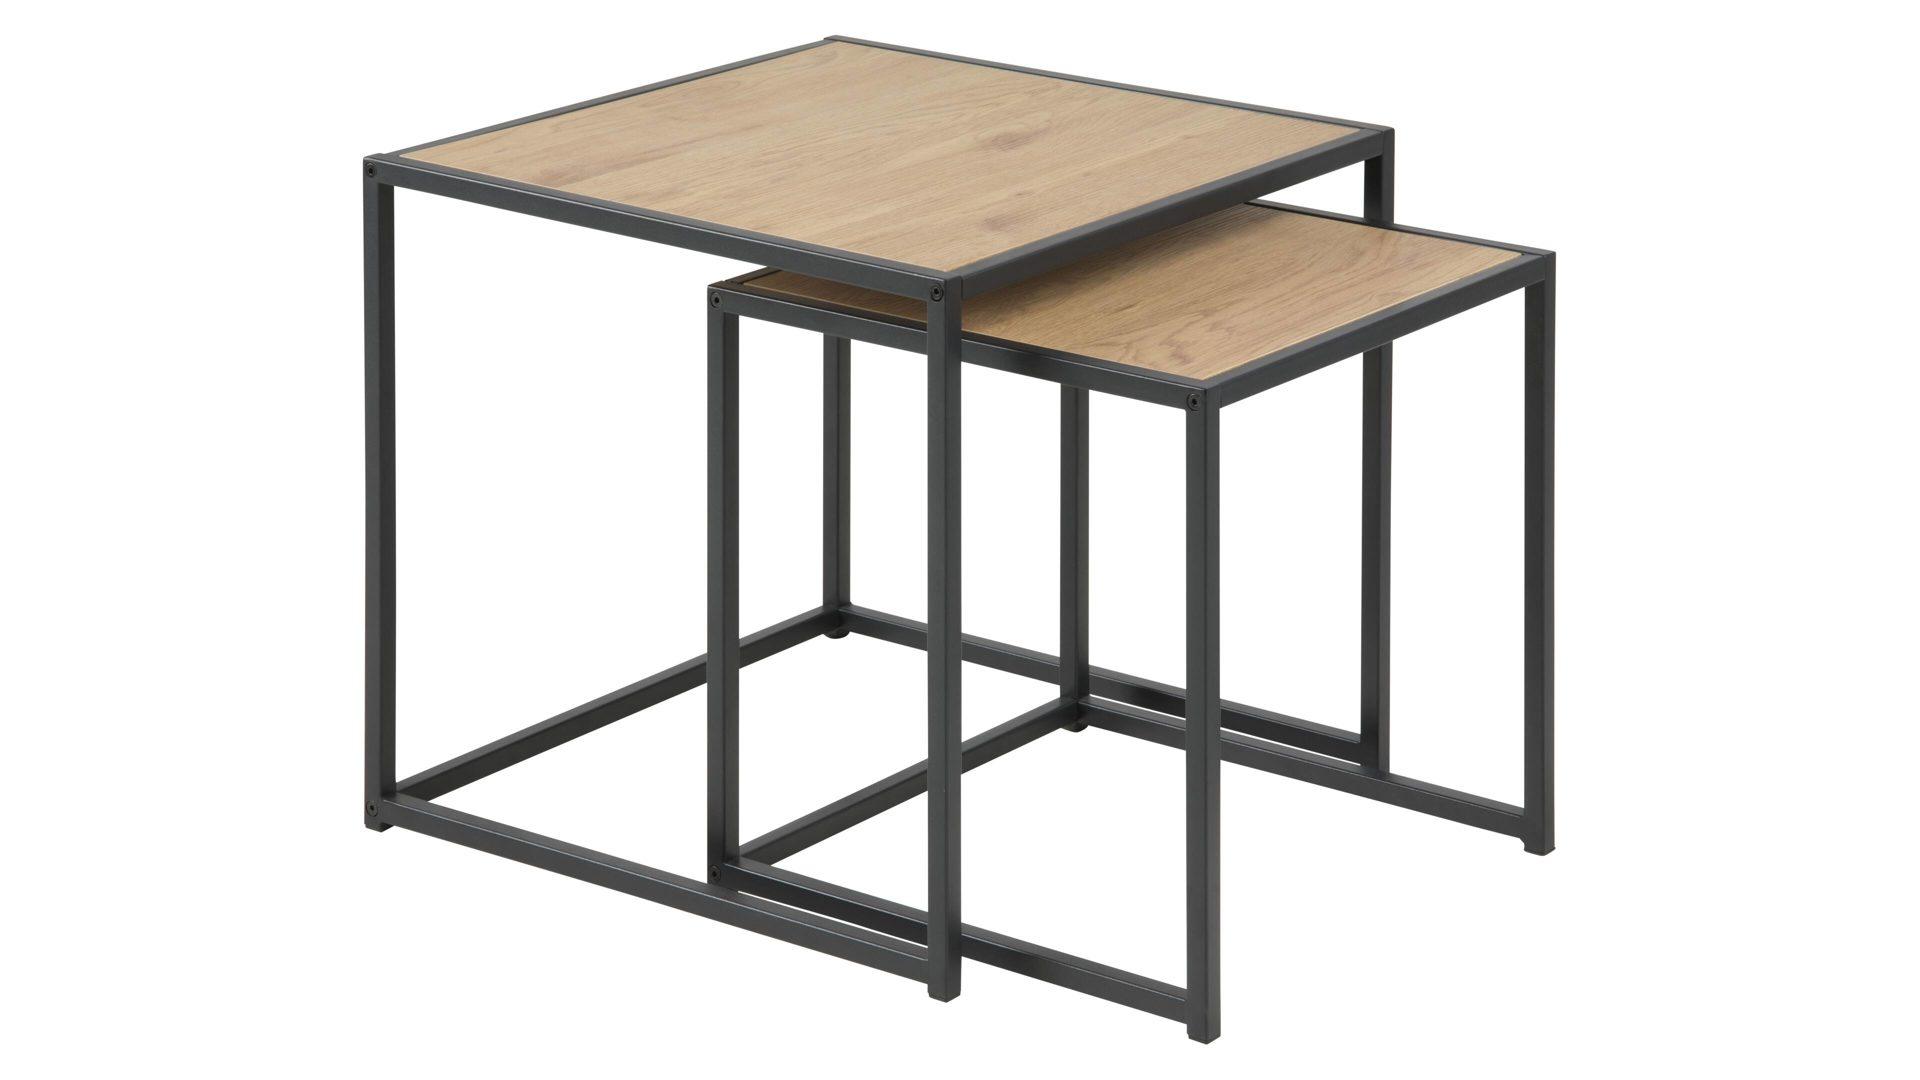 Wohnland Breitwieser Suchergebnis Fur Tisch 2 Satz Tisch Zwei